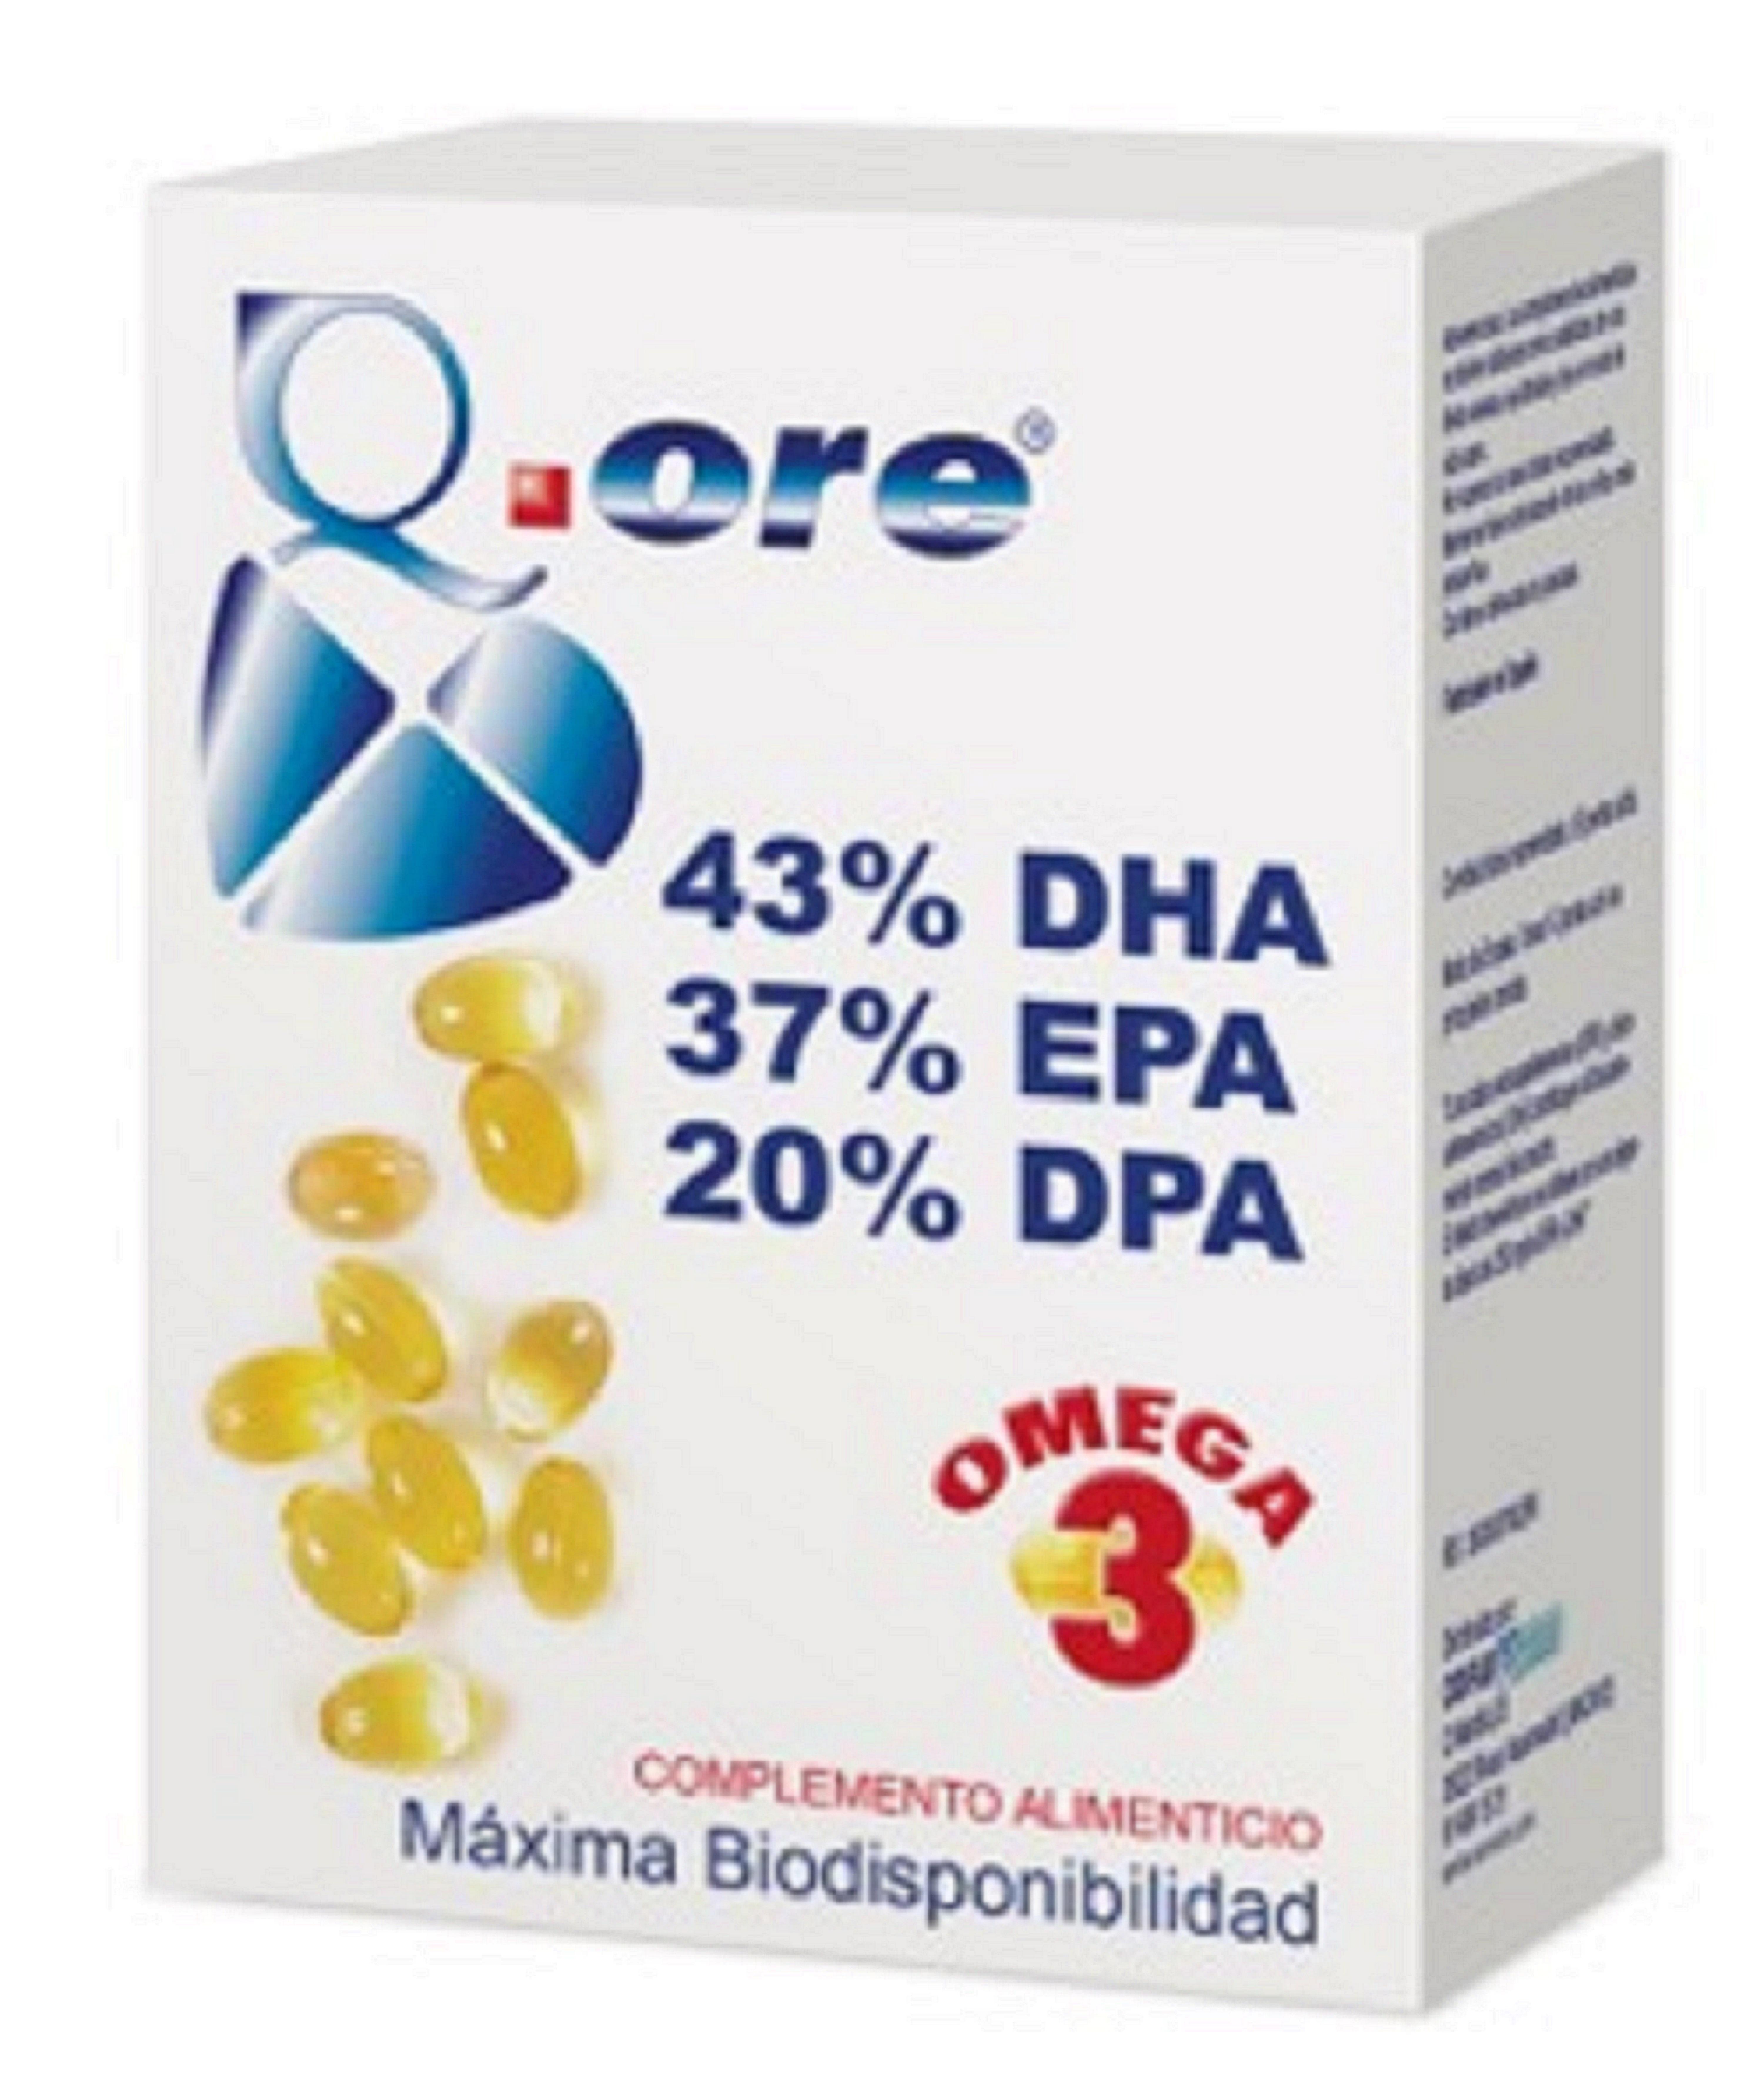 Q.ORE OMEGA 3, formatos de 90 y 180 perlas.